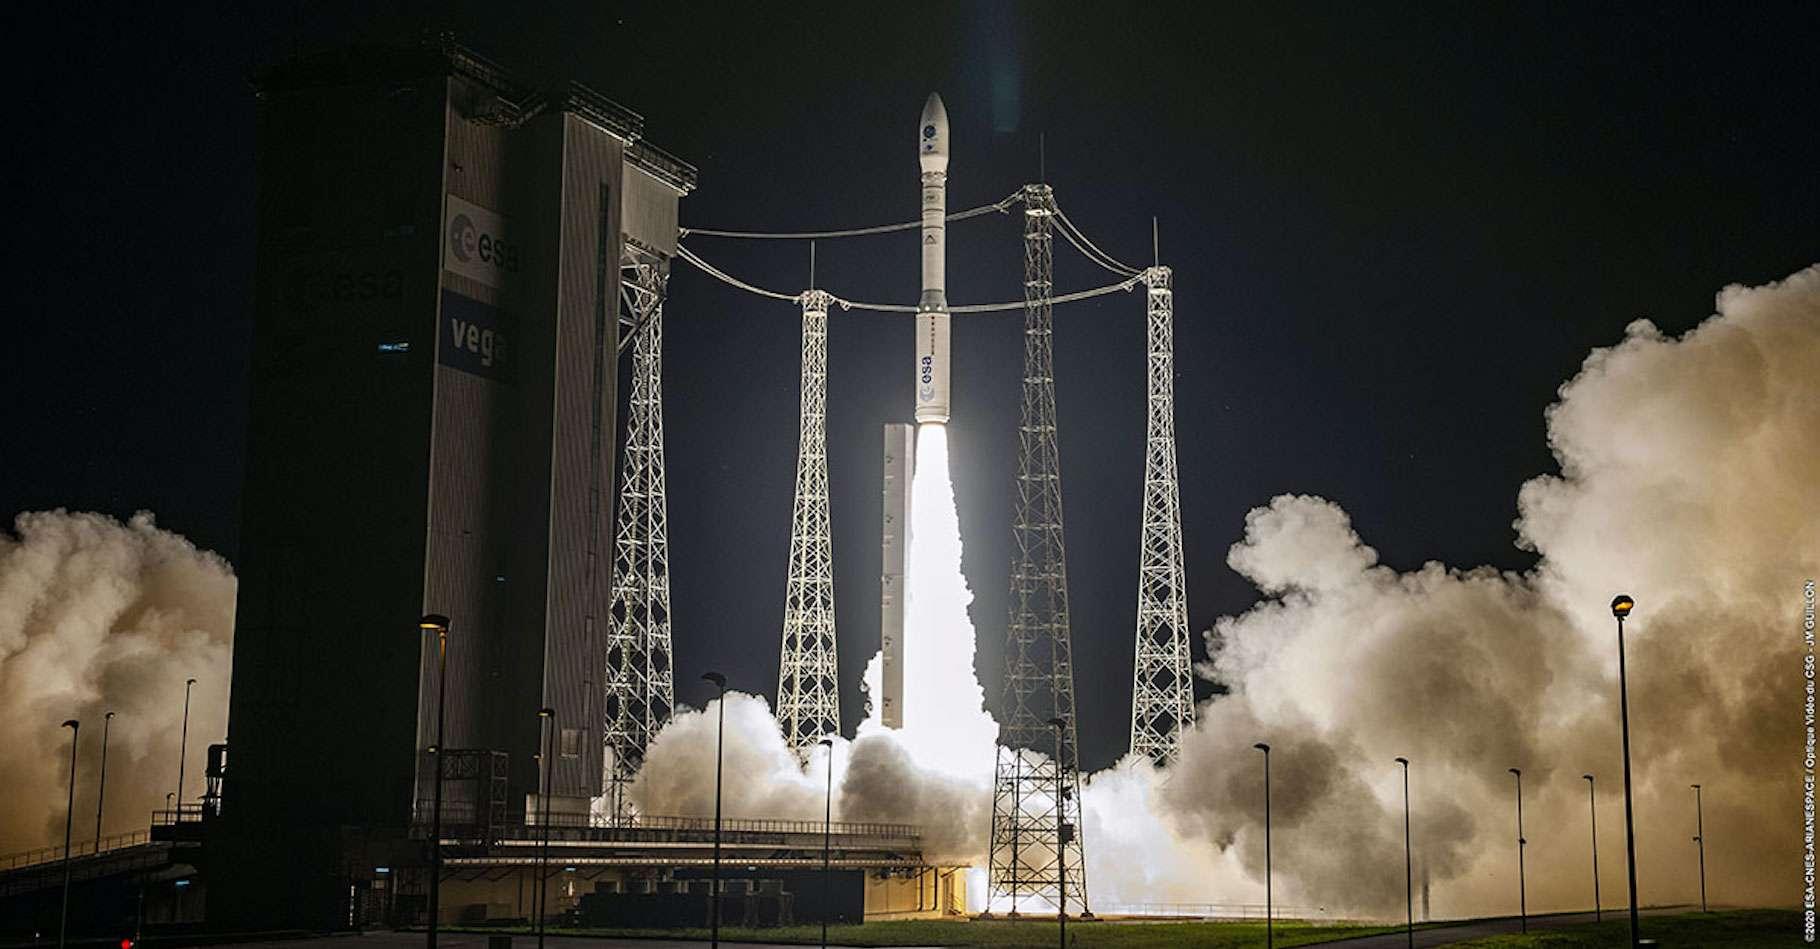 Le lanceur européen Véga a décollé de la base de Kourou, en Guyane française. Un premier vol pour le service européen de mission pour petits vaisseaux spatiaux (SSMS). © Arianespace